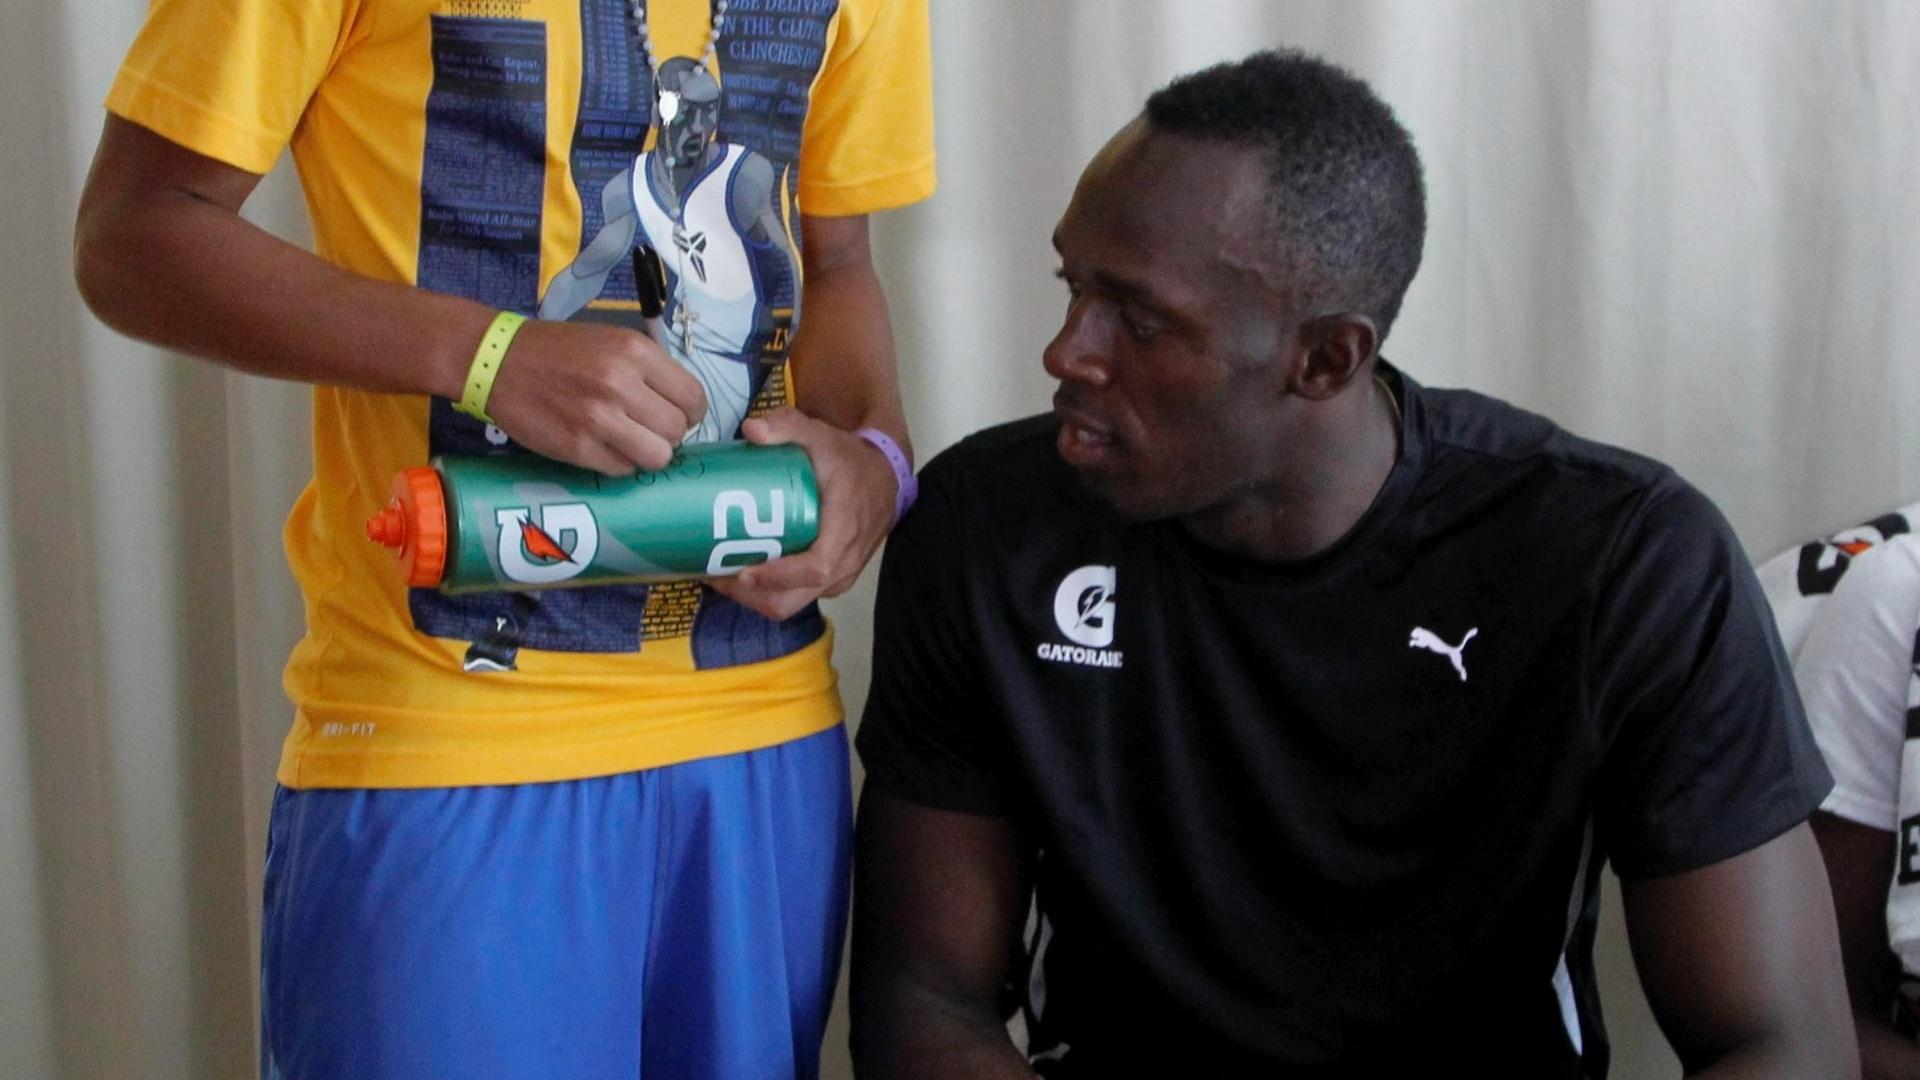 30.mar.2013 - Usain Bolt ganha autógrafo de Gabigol, jogador da base do Santos, depois de jogarem juntos futevôlei em Copacabana: